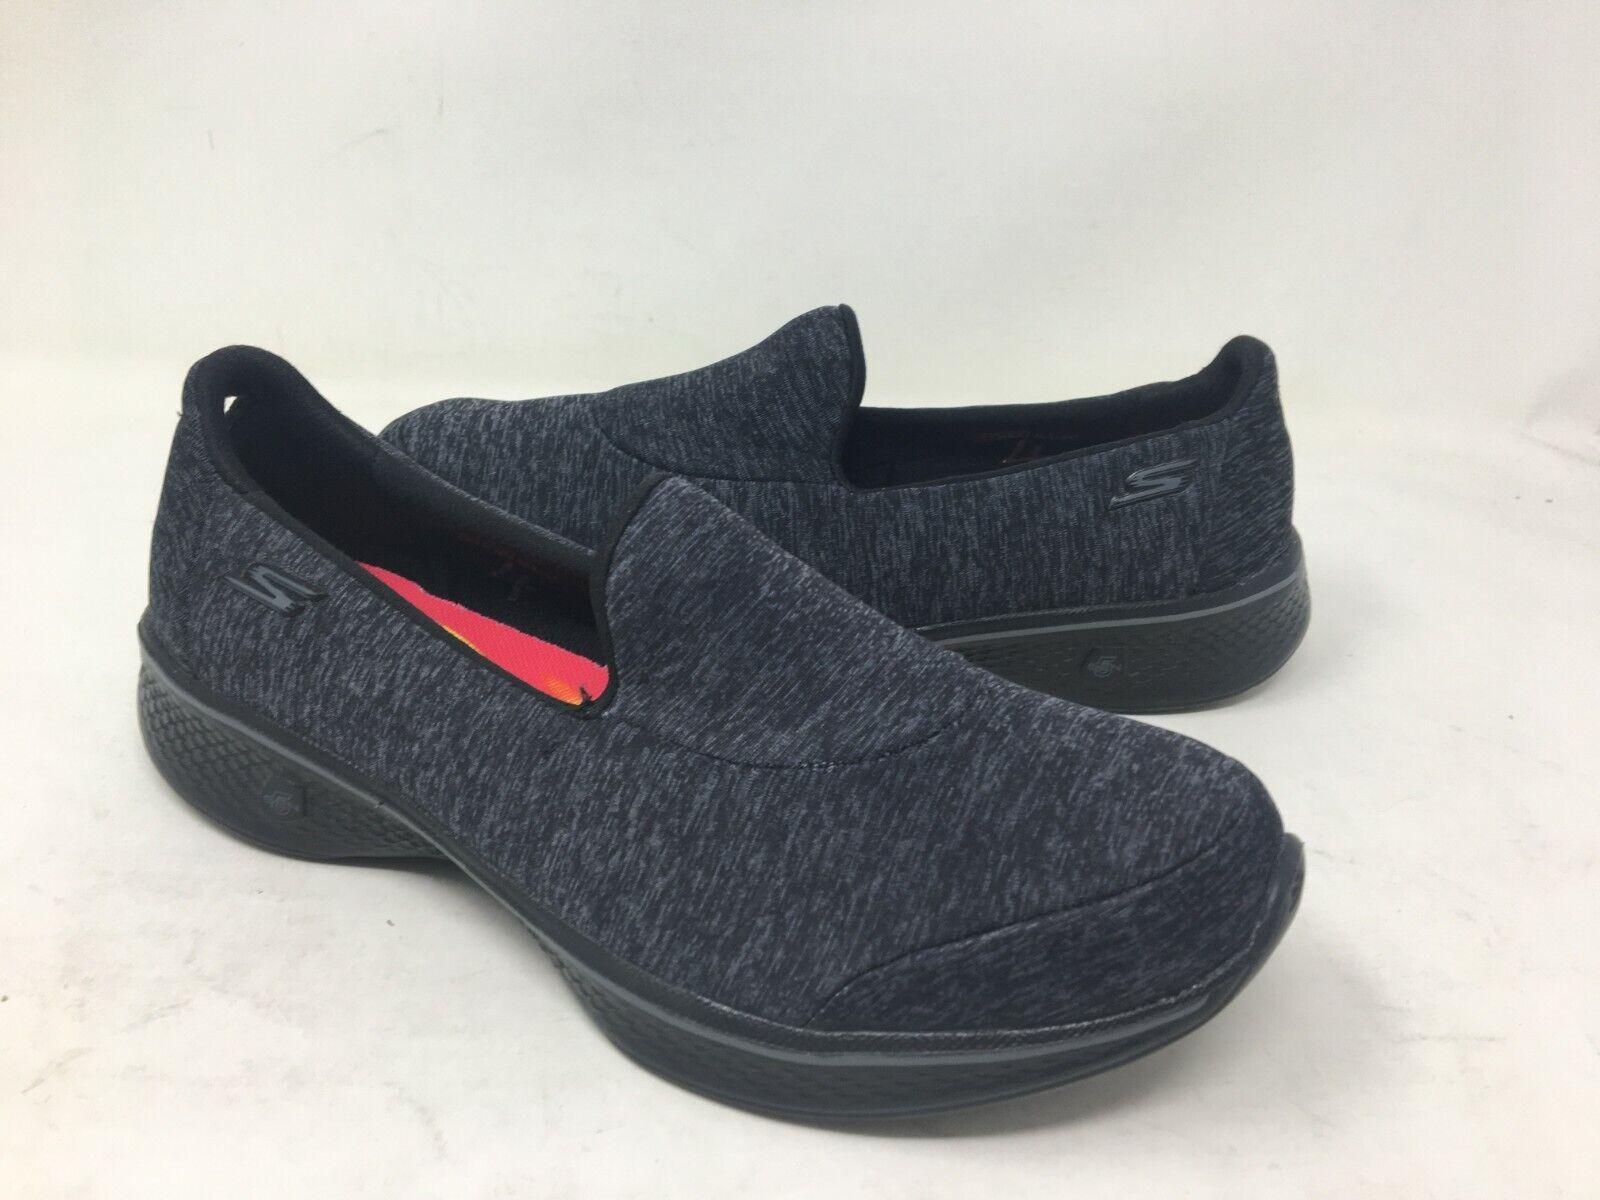 NEW  Skechers Women's SKECHERS GOWALK 4 ASTONISH Walking shoes Blk Grey m